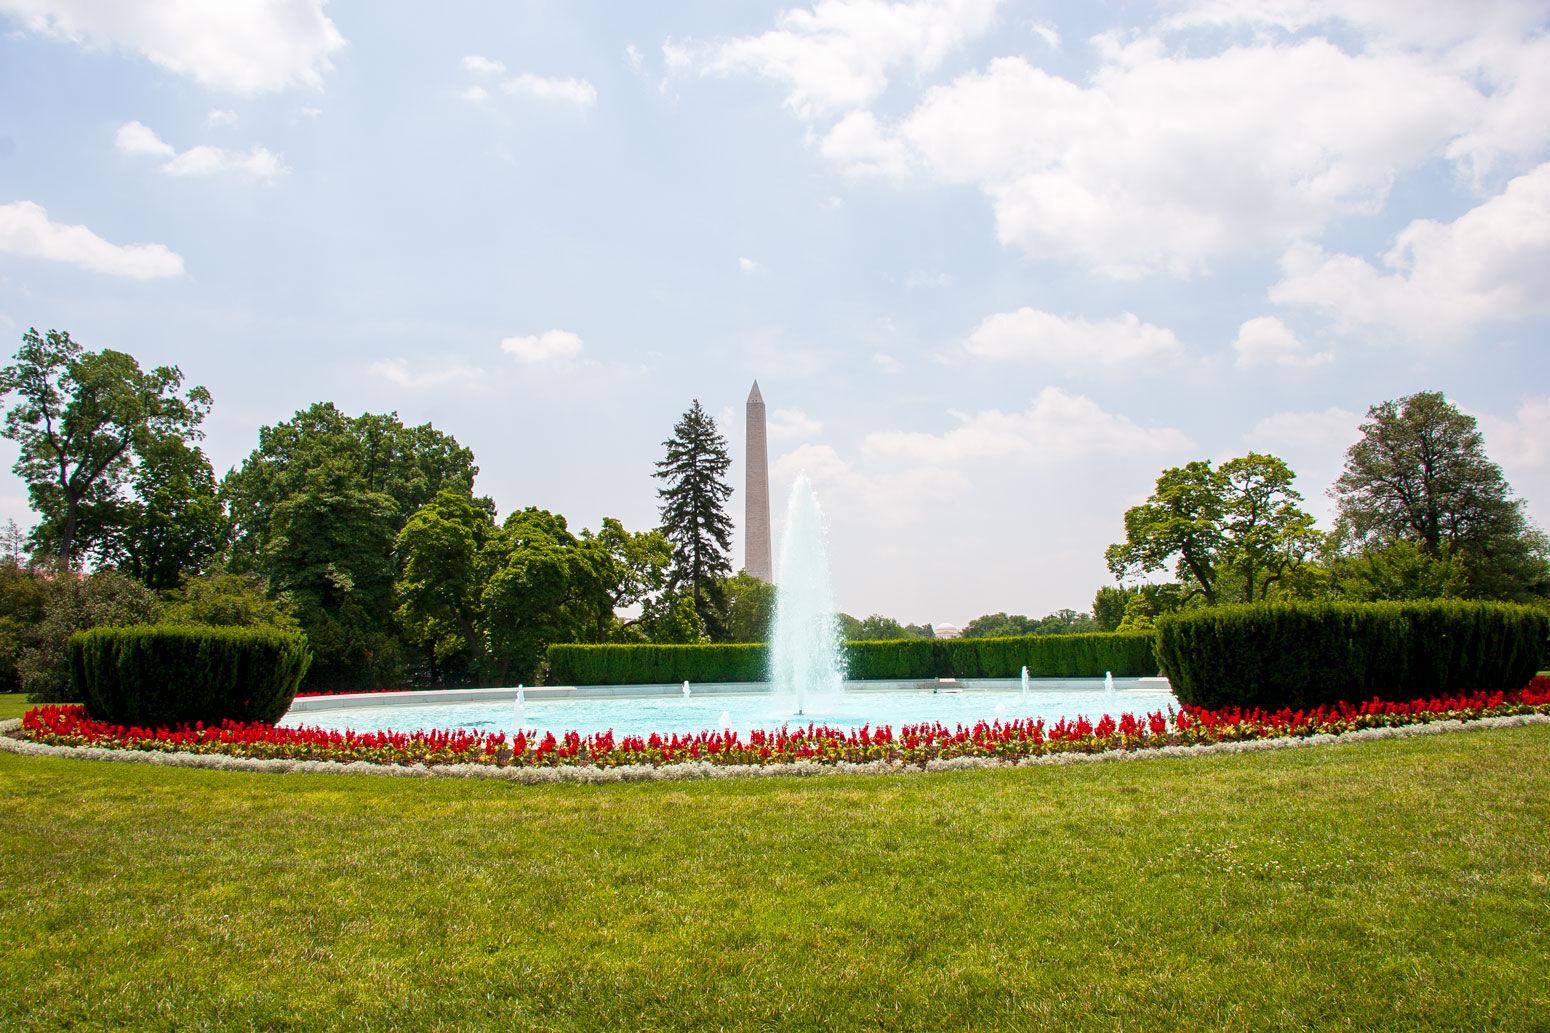 Washington Monument from White House